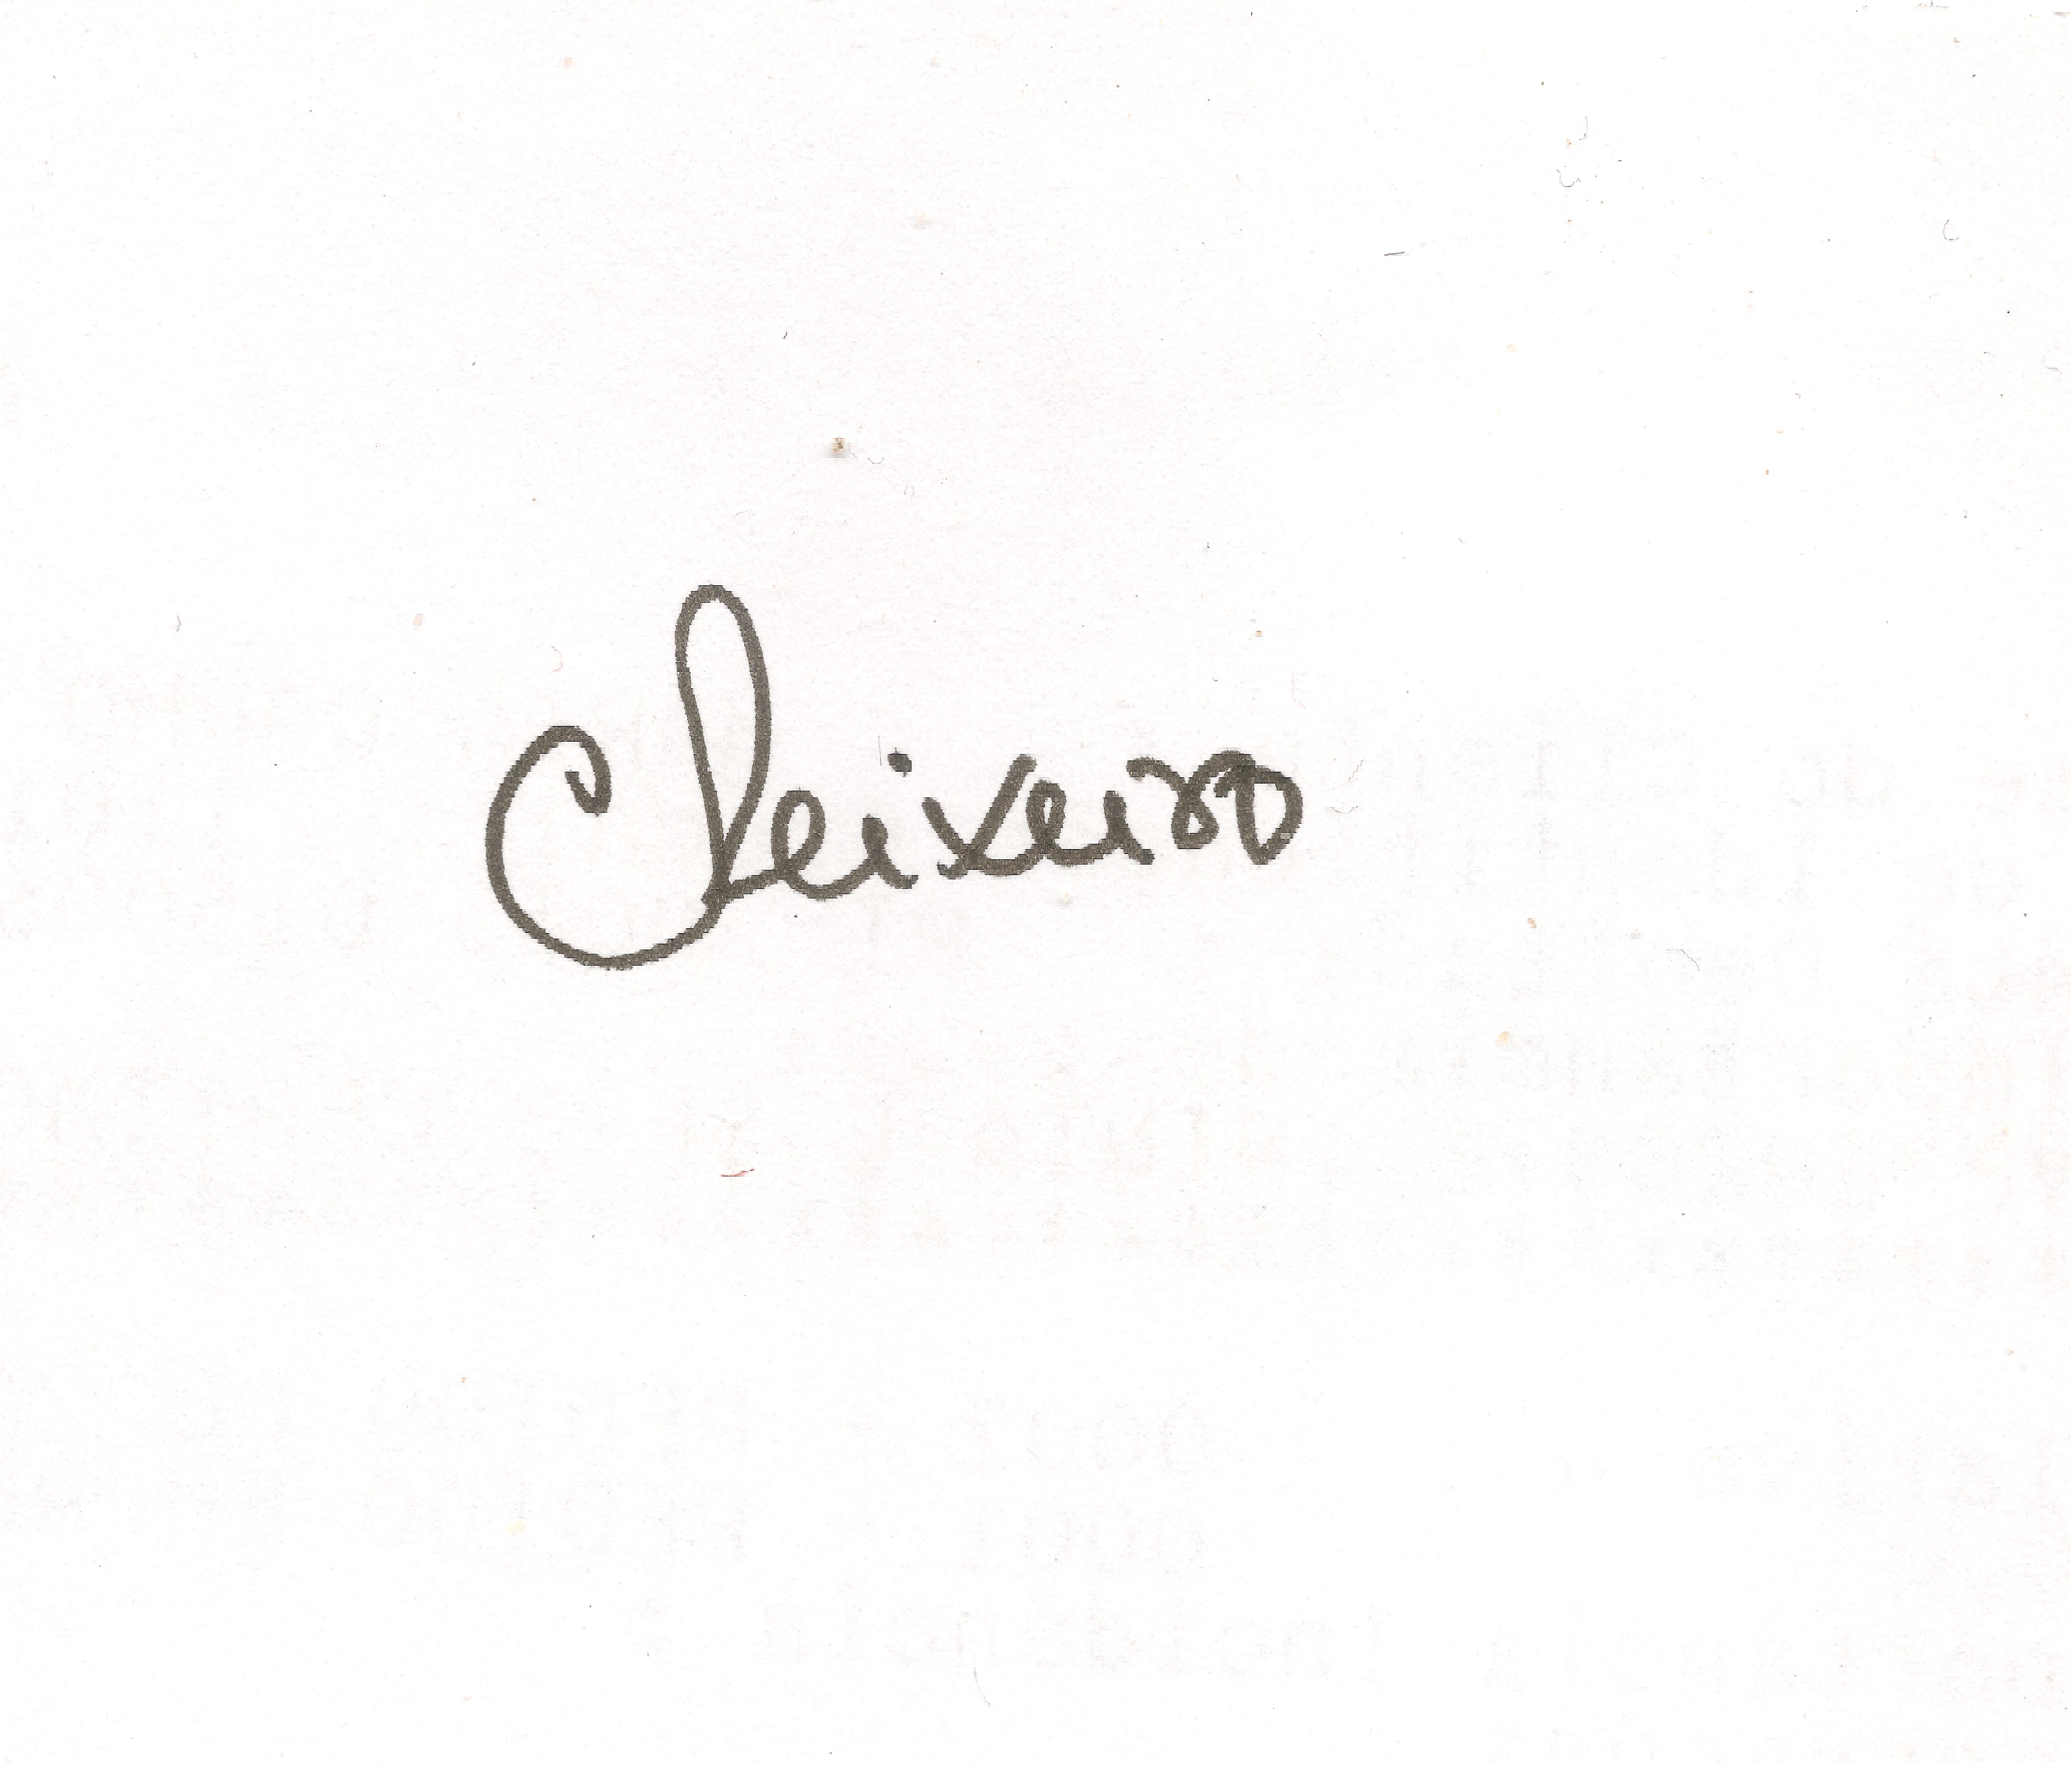 mithologus's Signature